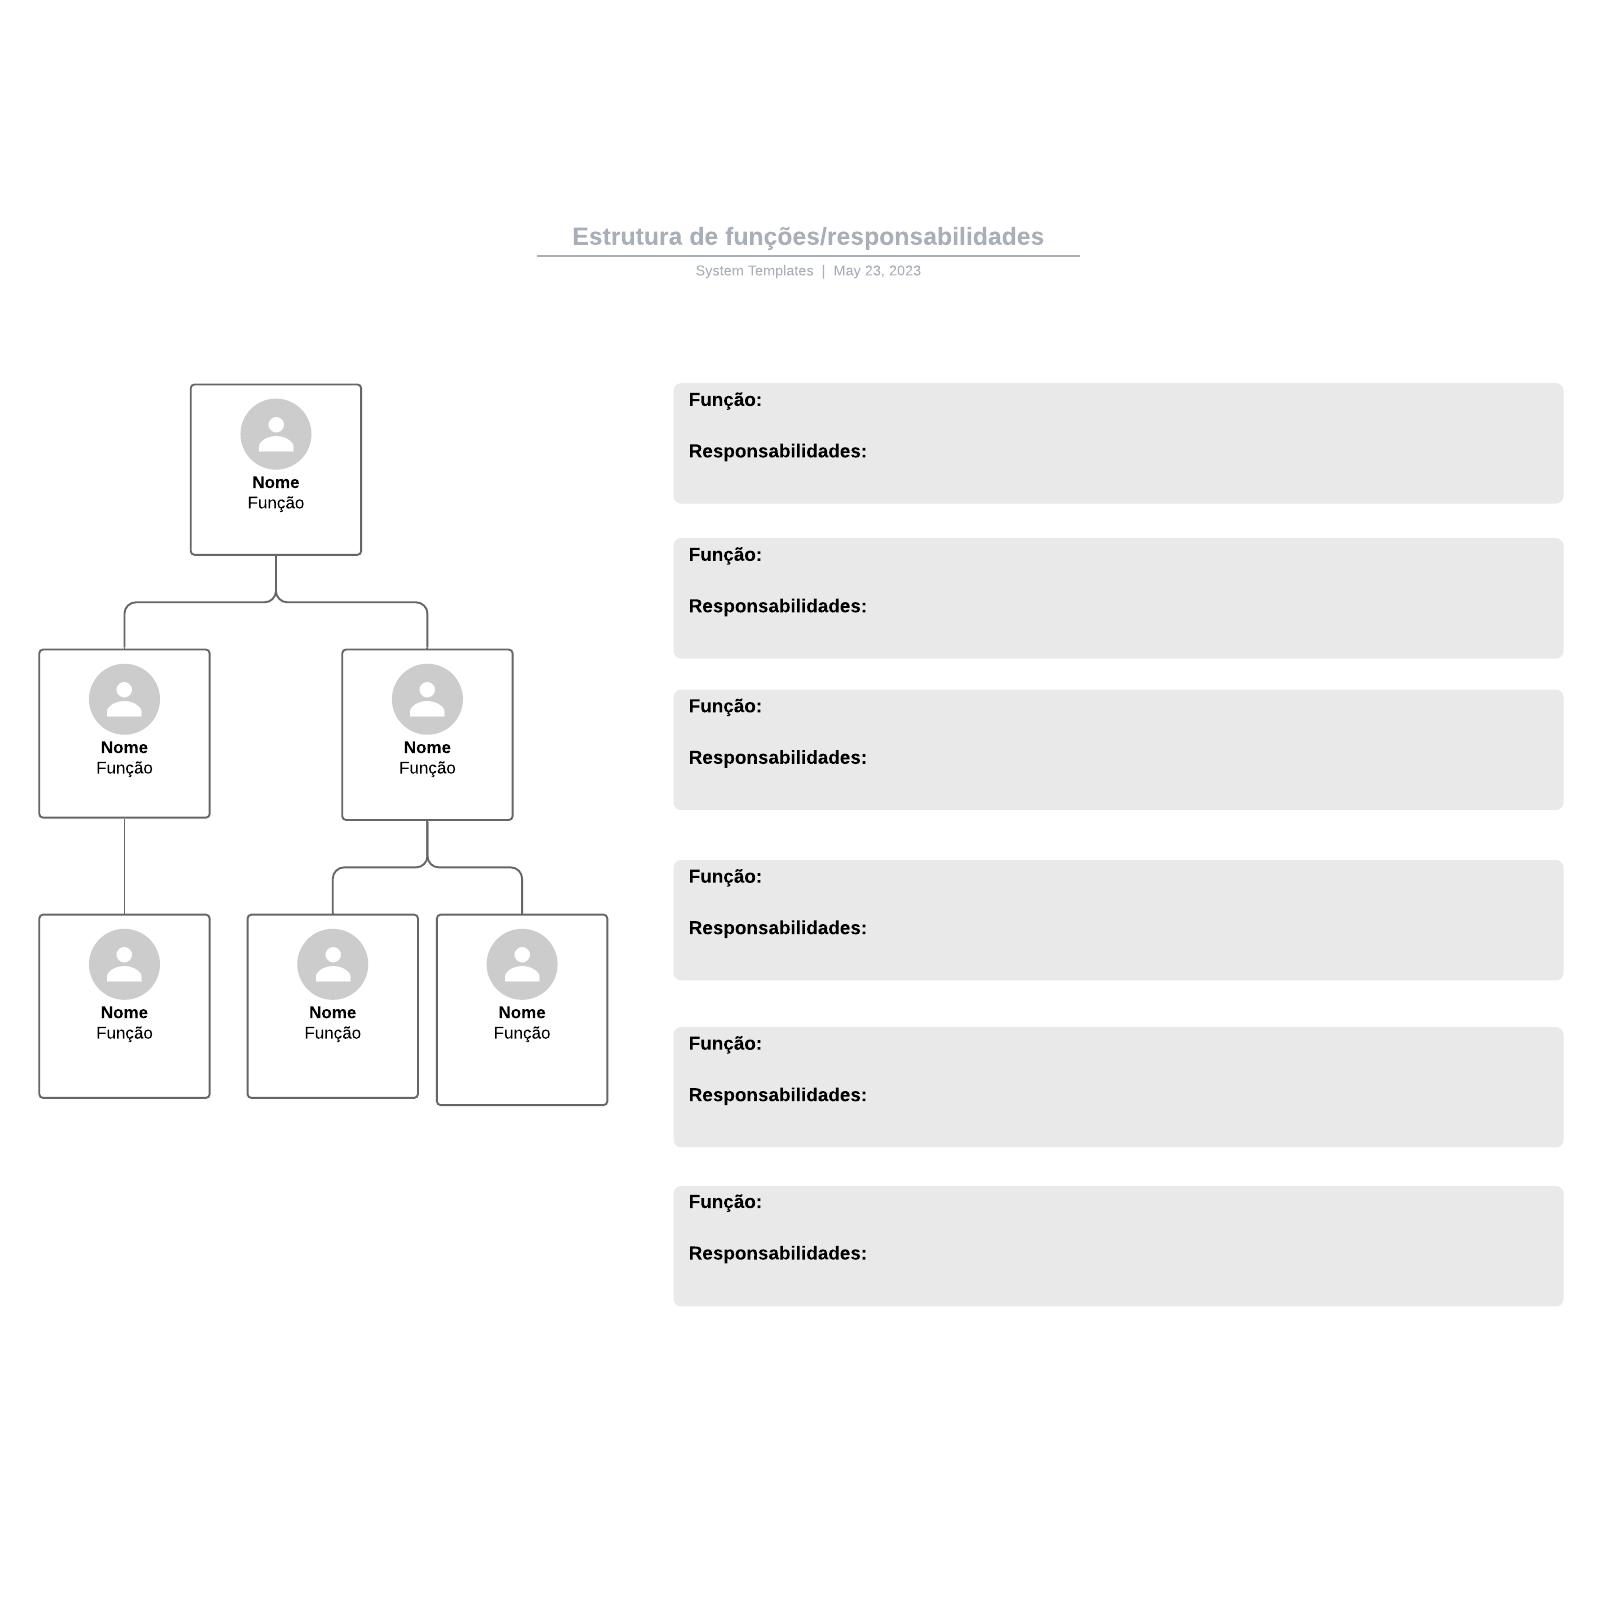 Estrutura de funções/responsabilidades